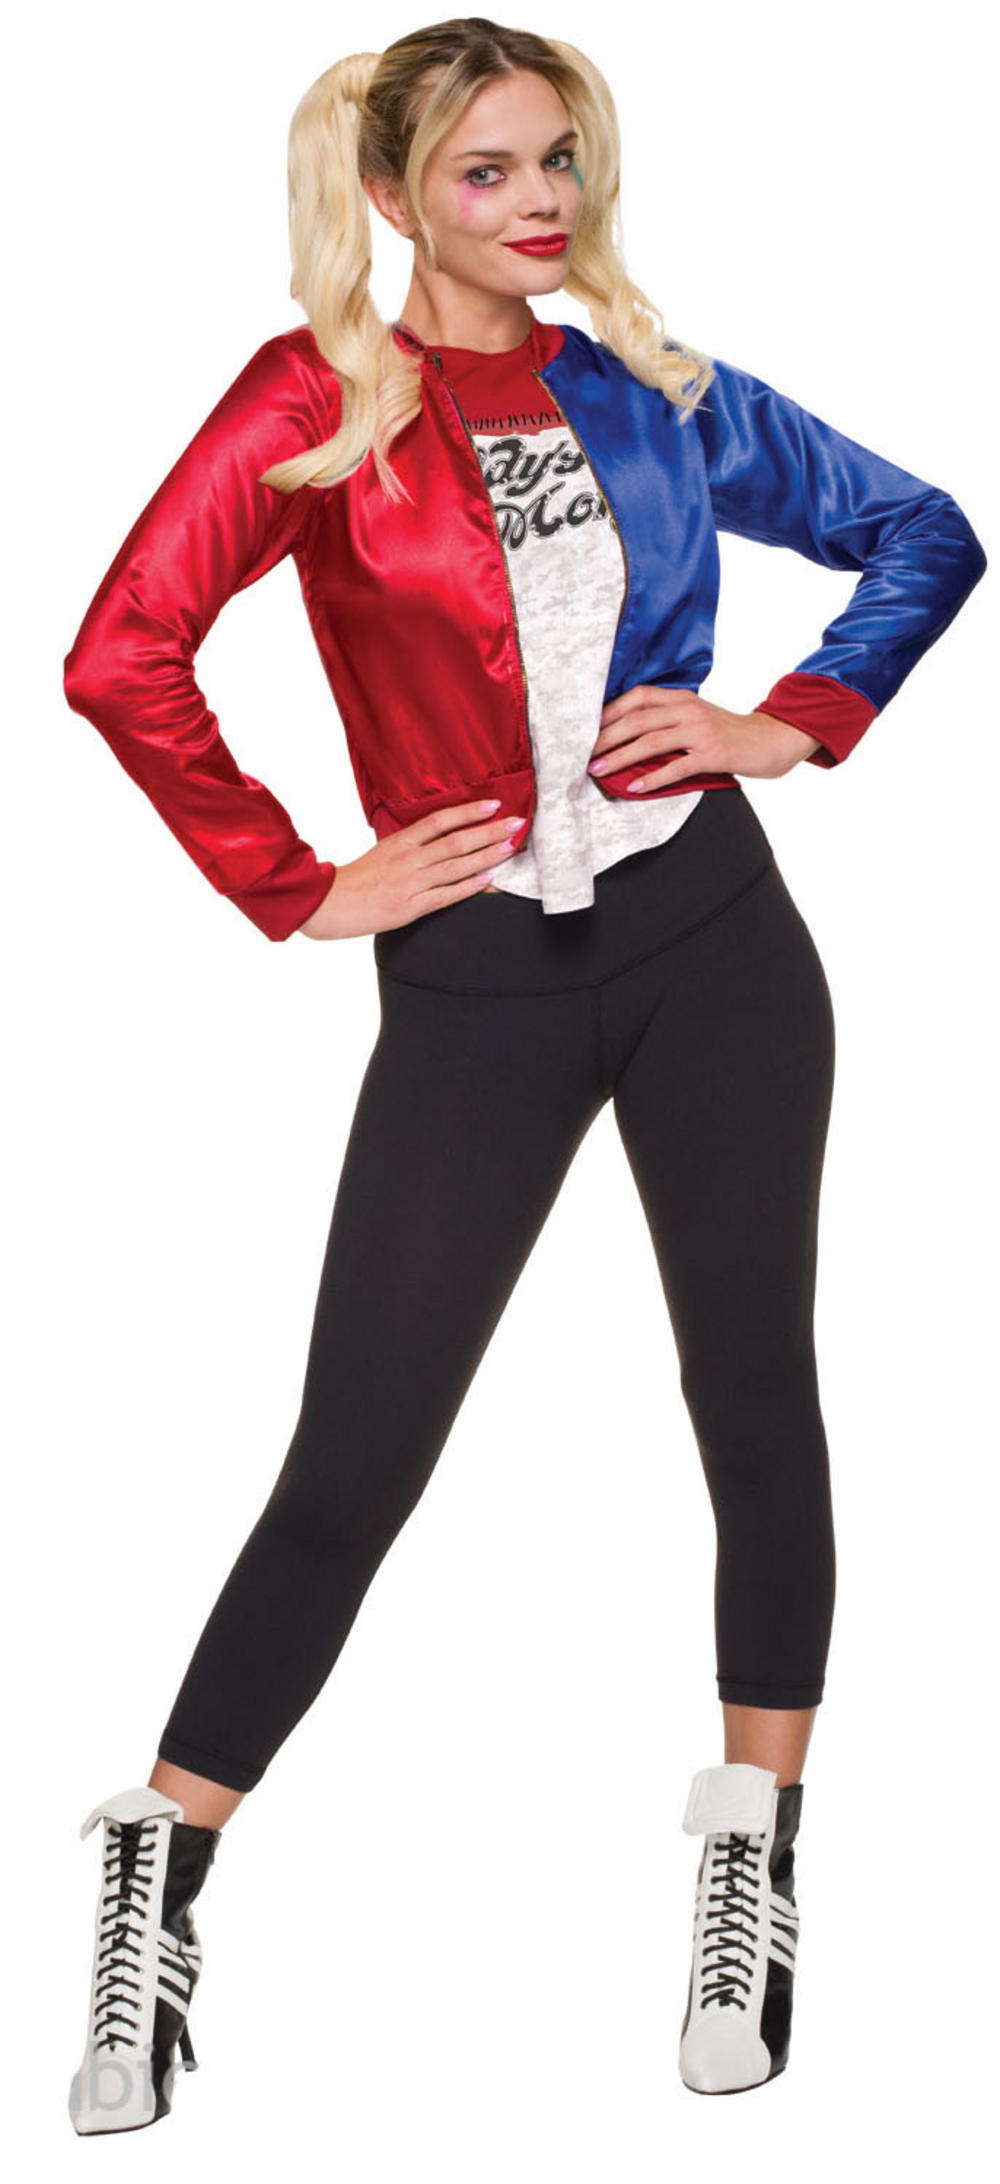 Womens Marvel Clothing Uk